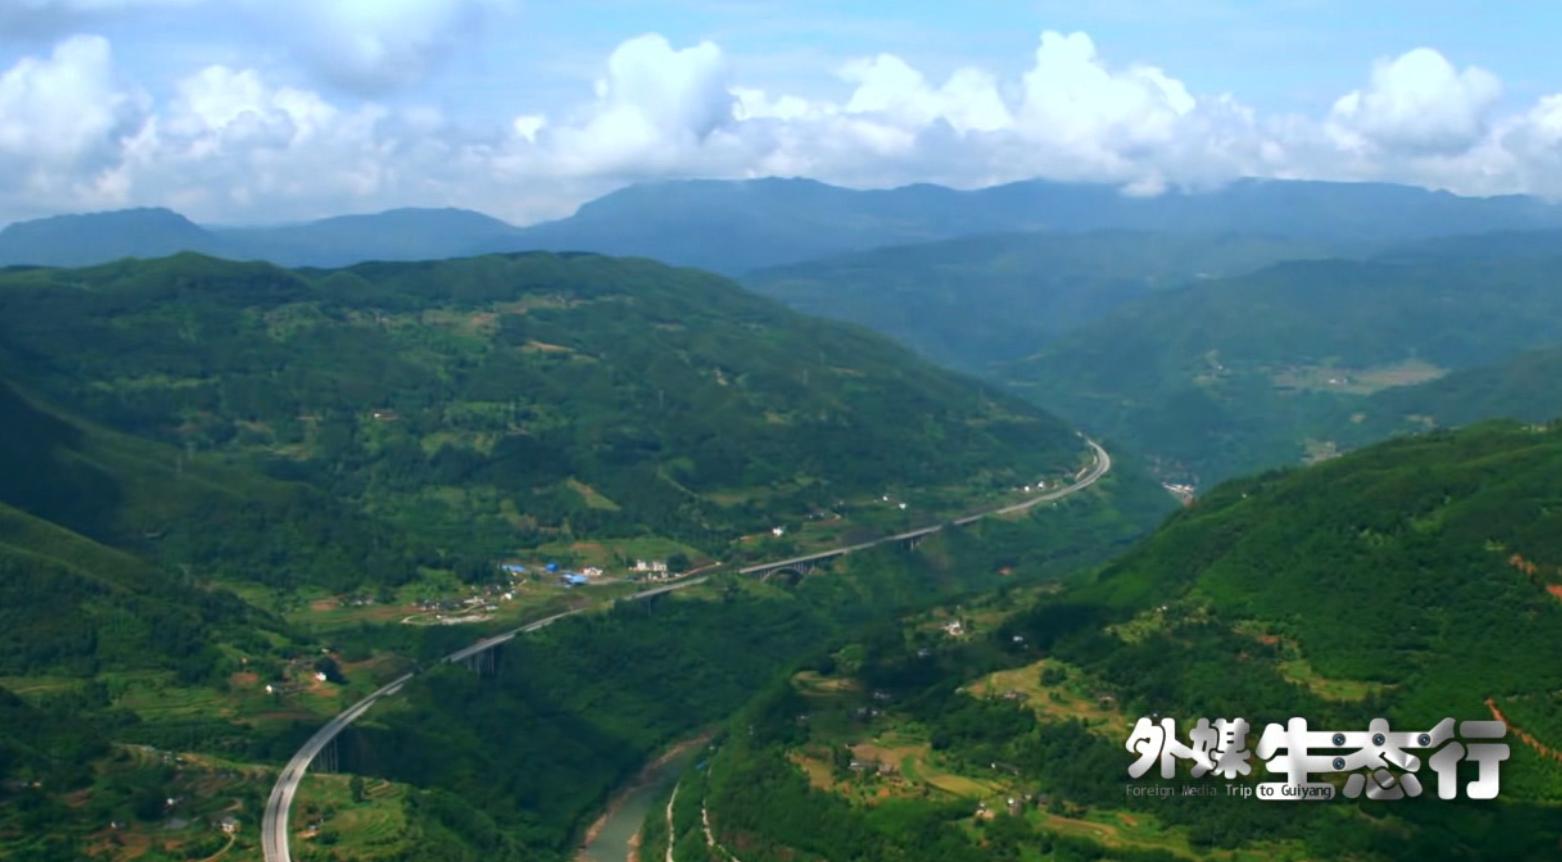 越南记者:贵州践行大生态战略 绿色红利惠及百姓